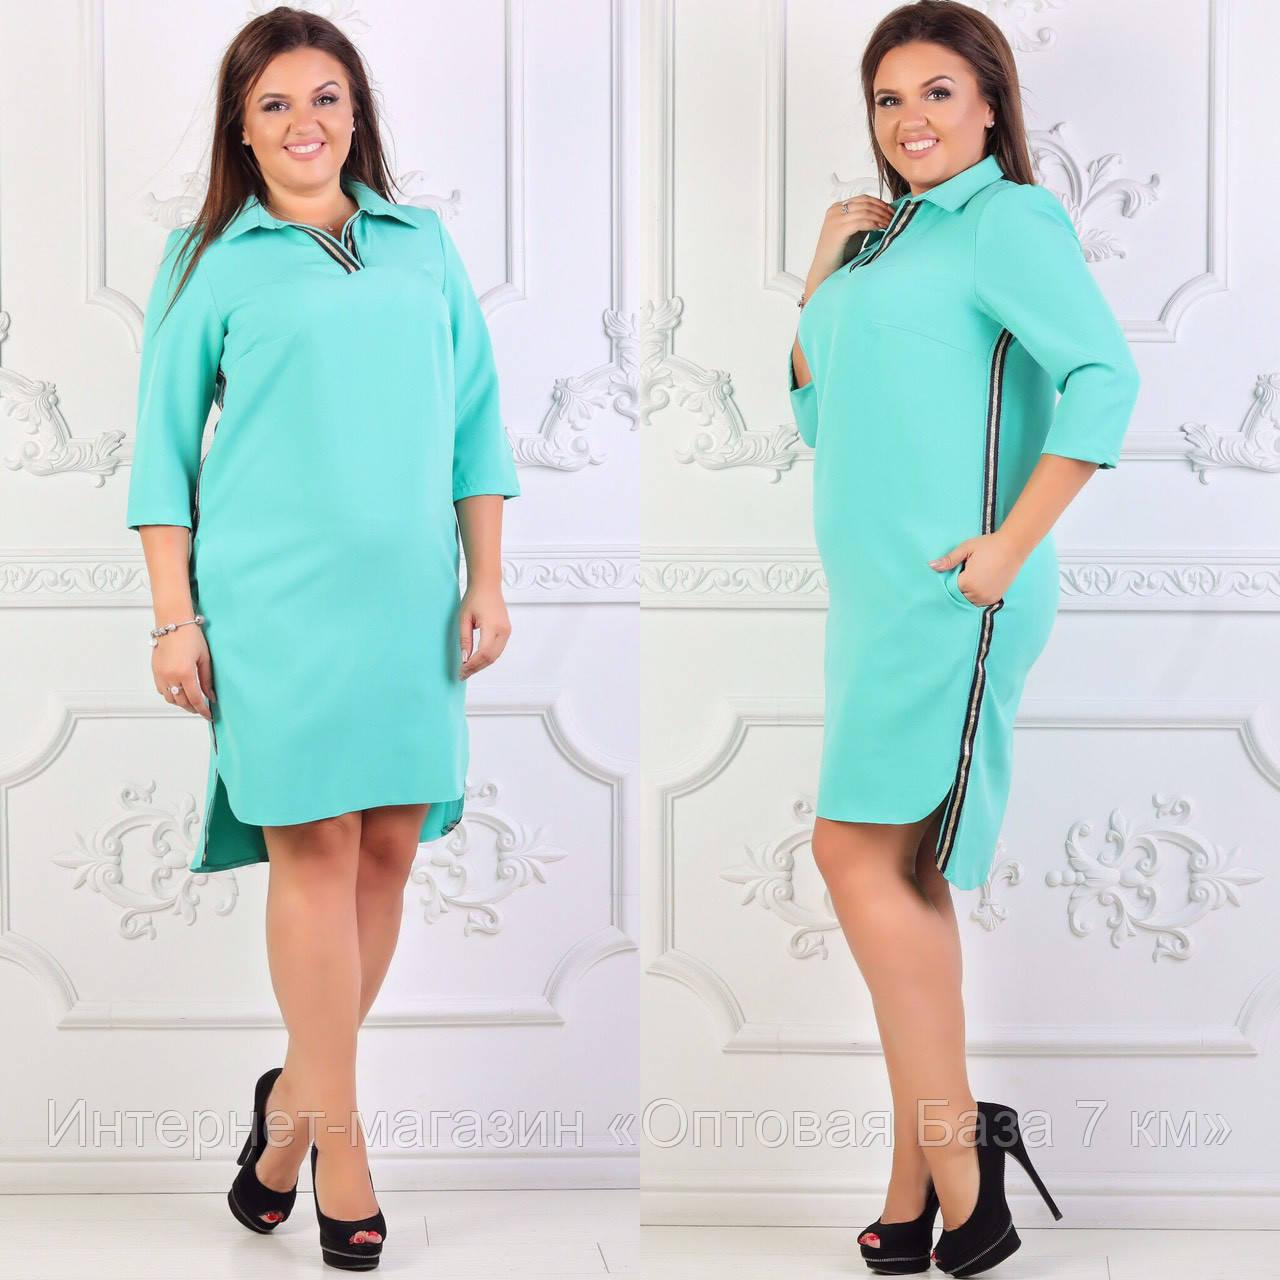 Платья женские оптом (50-56 батал) купить со склада в Одессе 7 км ... 0fa49d3b7e2ec